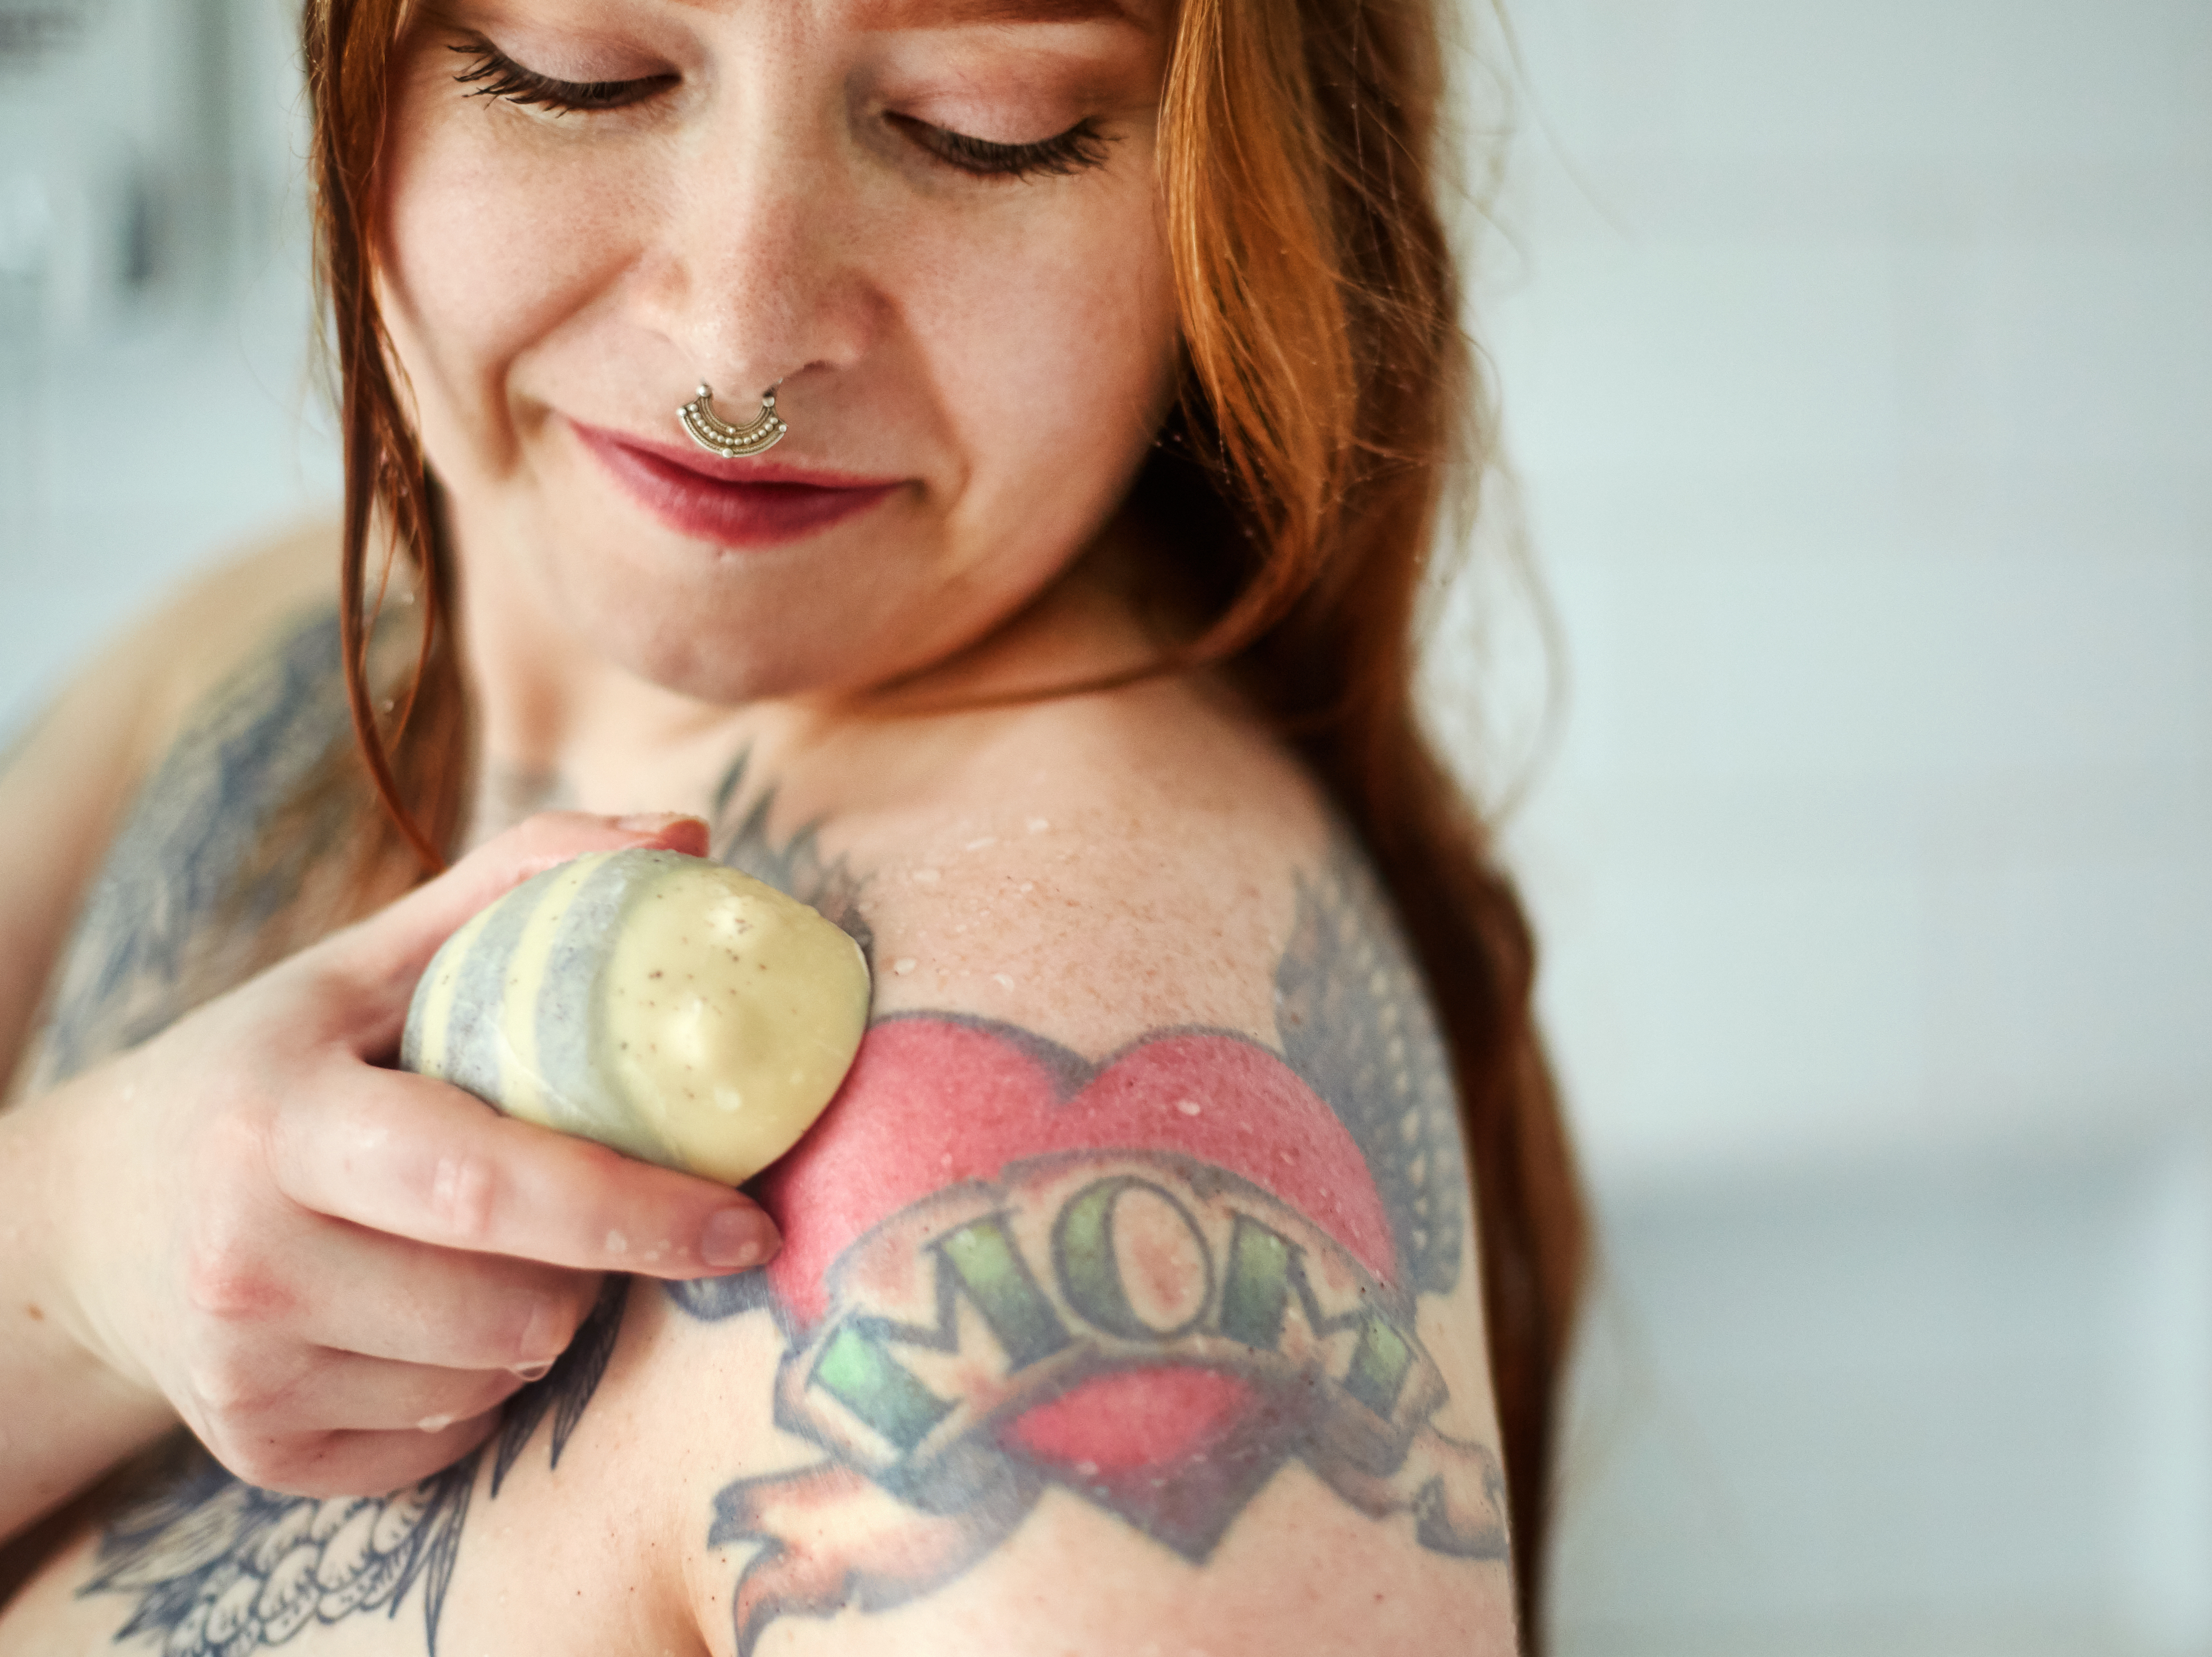 A woman rubs Scrubee into her skin.